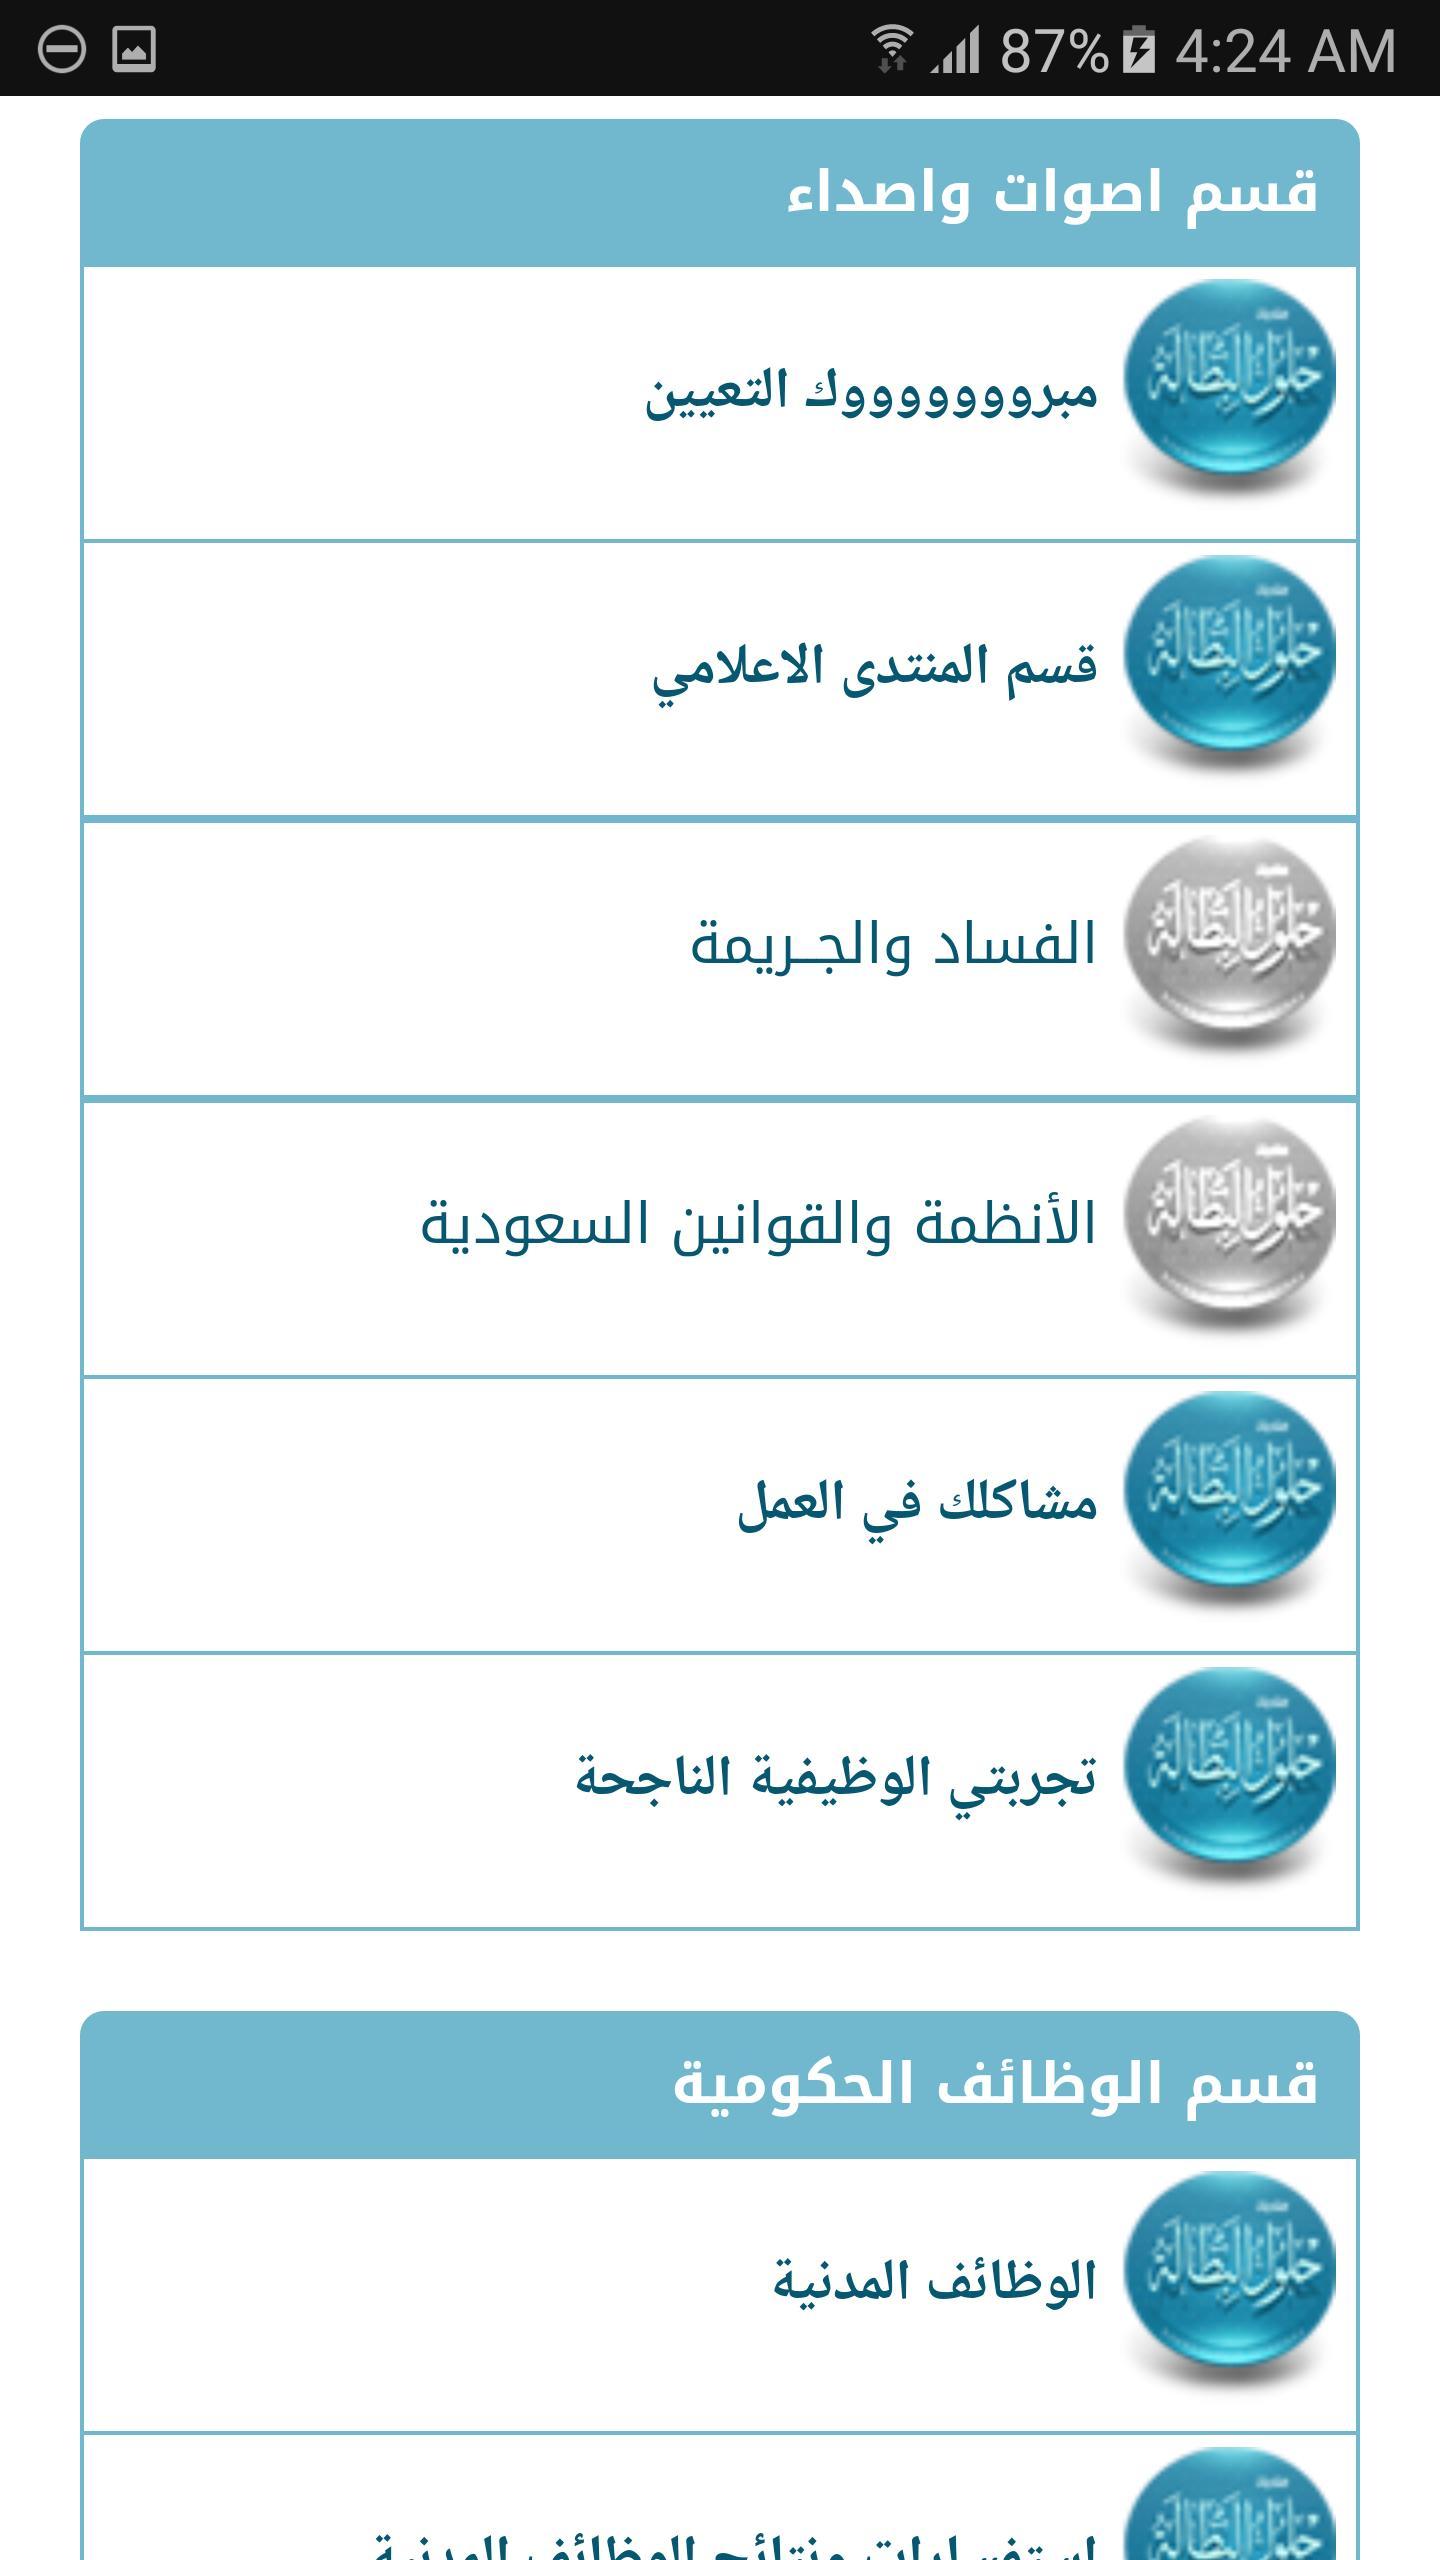 حلول البطالة الشرقية - Images Gallery